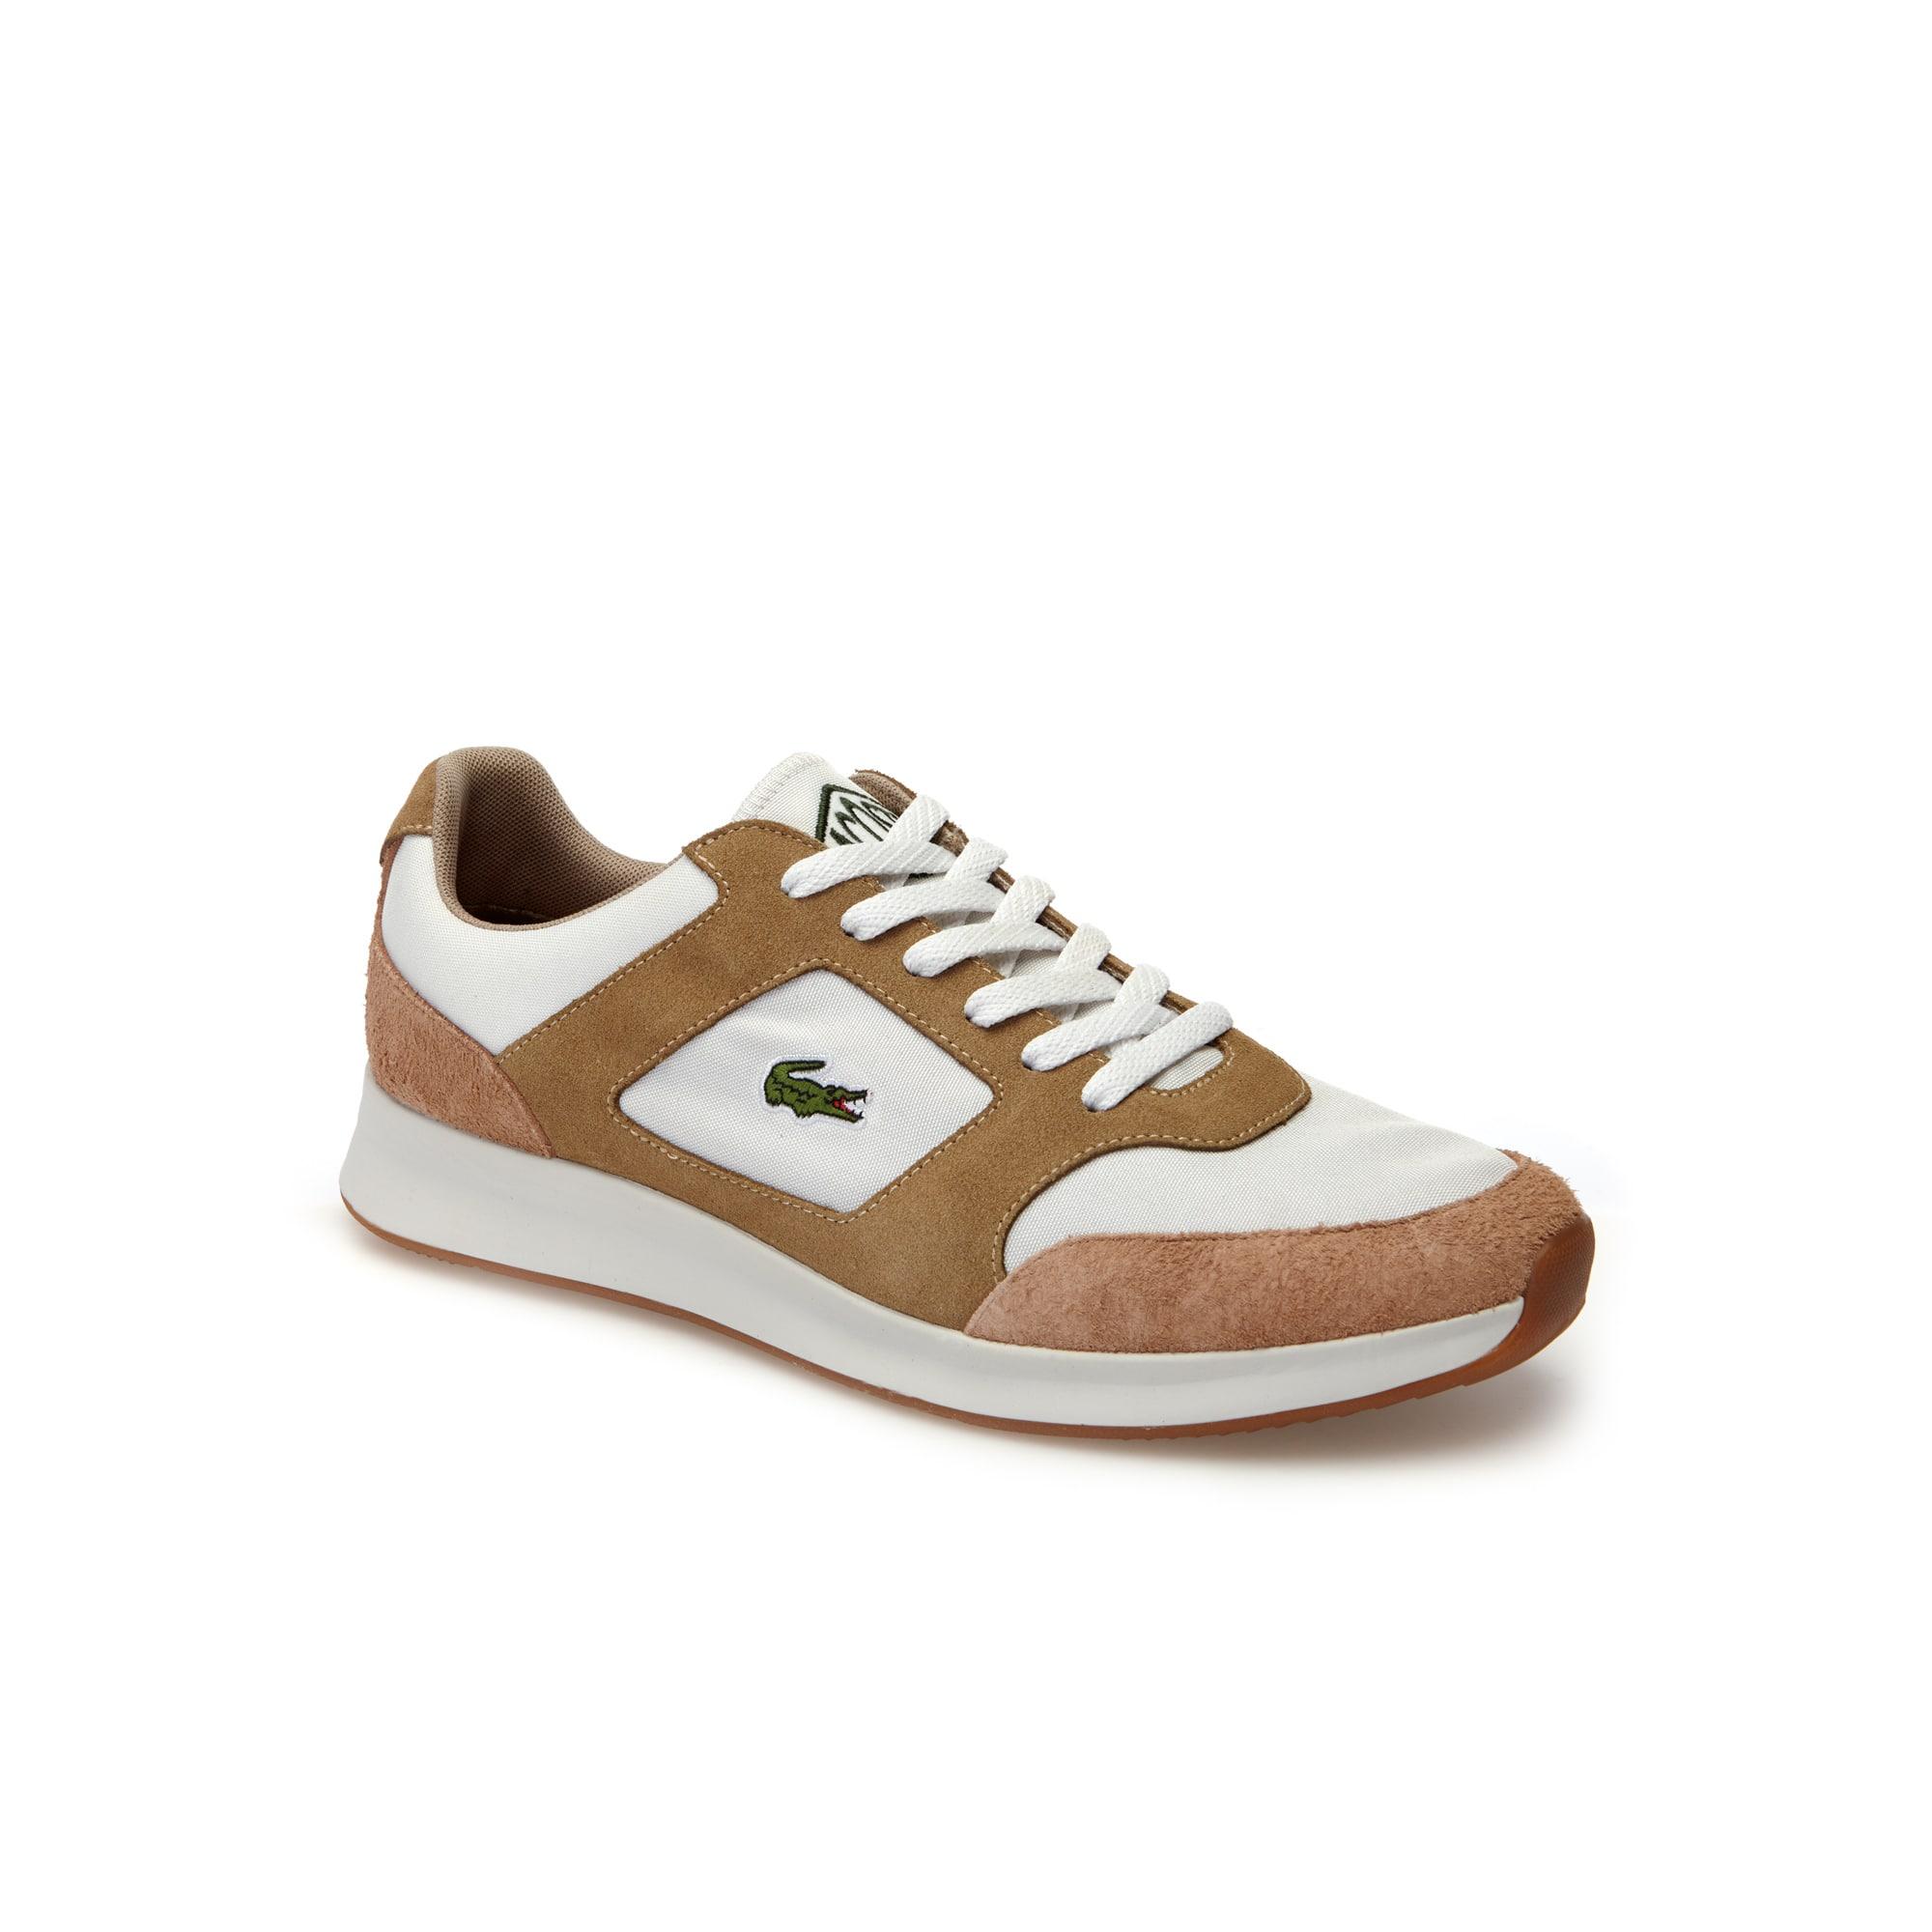 Lacoste - Zapatillas de hombre Joggeur - 1